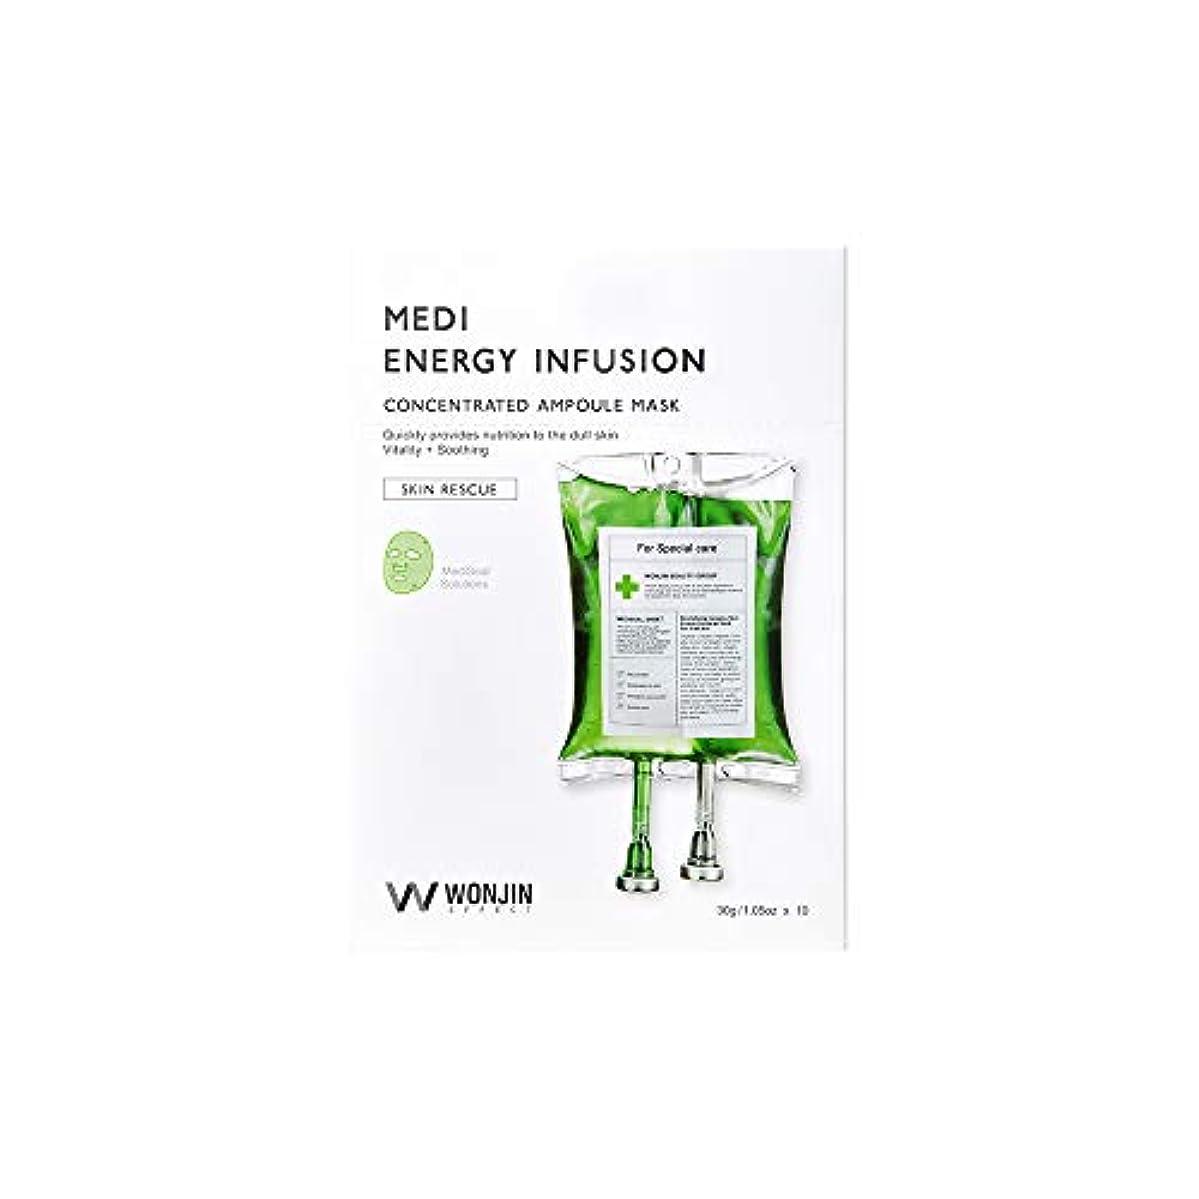 算術順番クレデンシャル[WONJIN EFFECT] メディア エネルギー インフュージョン マスク MEDI ENERGY INFUSION MASK 10EA [